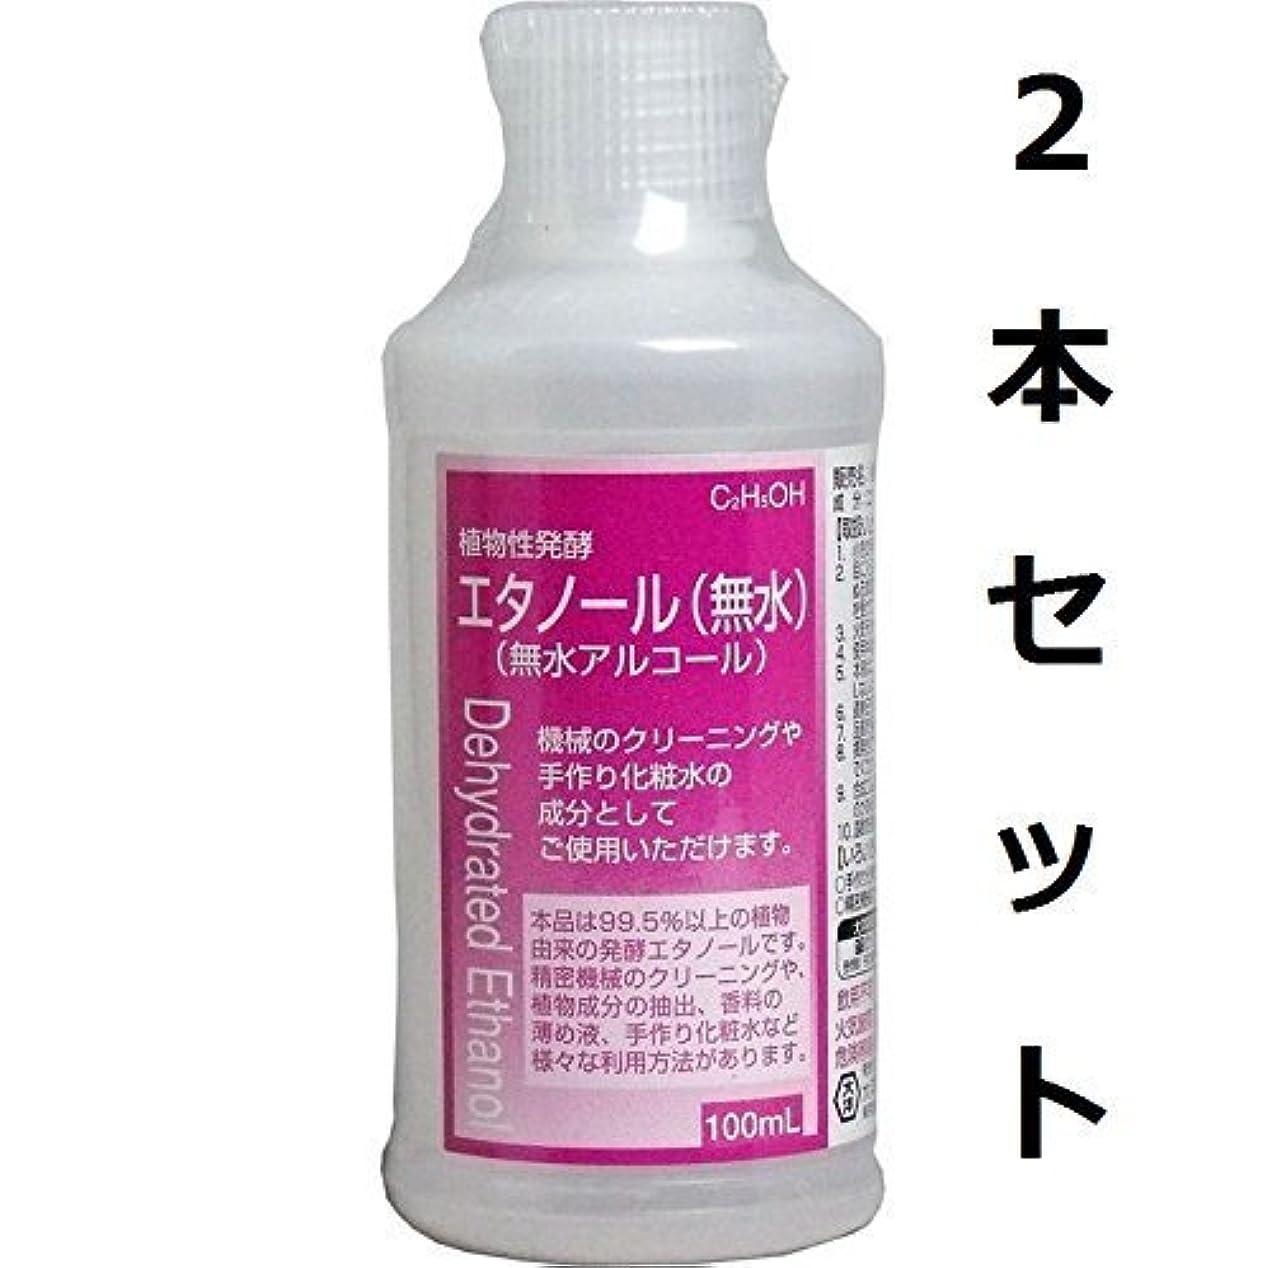 最初振幅データ香料の薄め液に 植物性発酵エタノール(無水エタノール) 100mL 2本セット by 大洋製薬